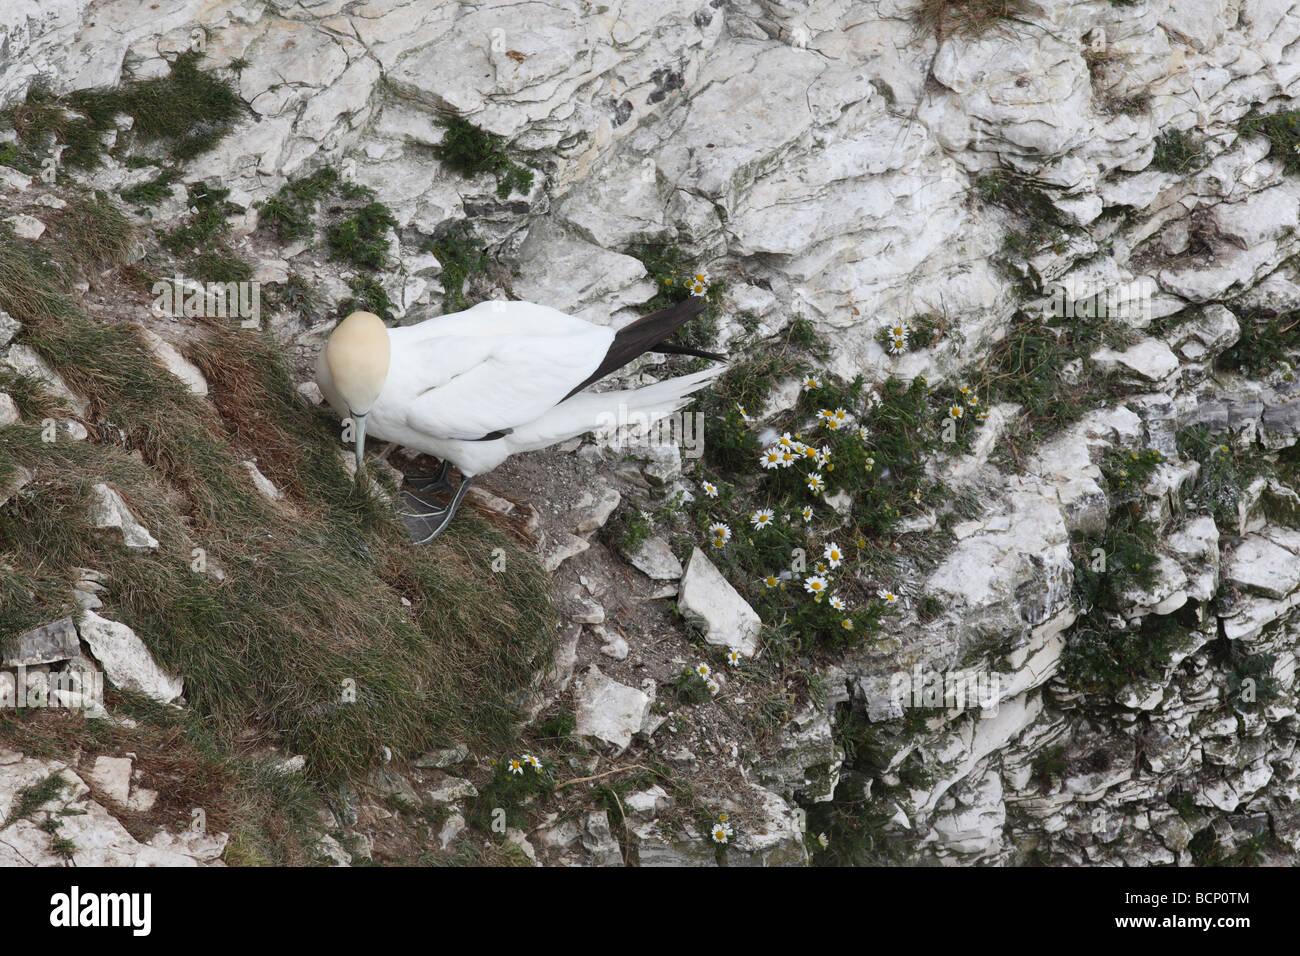 Gannet Sulu Bassana sammeln Nistmaterial Stockbild